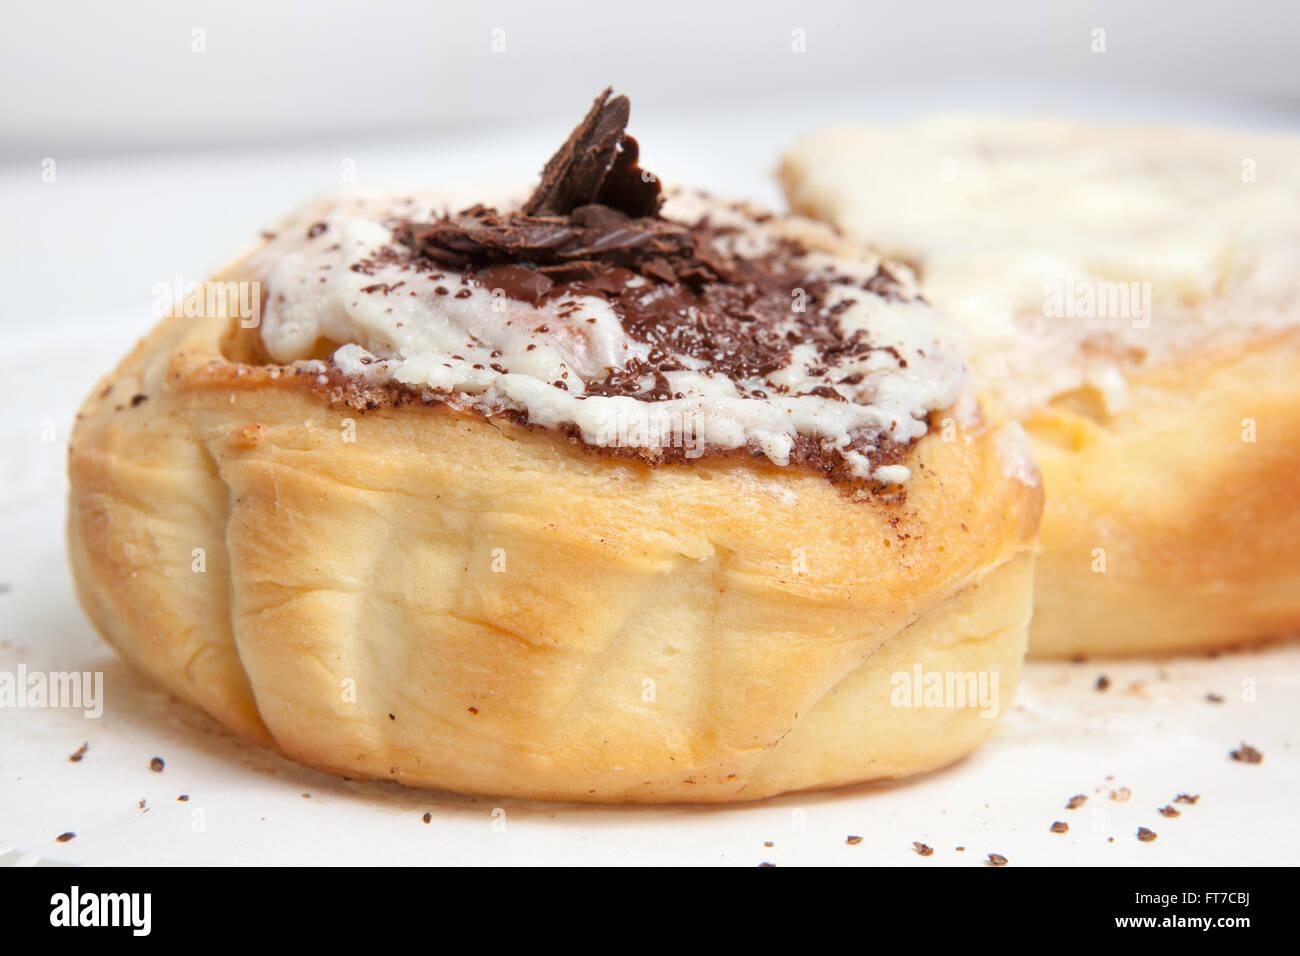 Cheesecake, diversos tipos de helados y postres para el menú del restaurante y cafeterías, una variedad Imagen De Stock